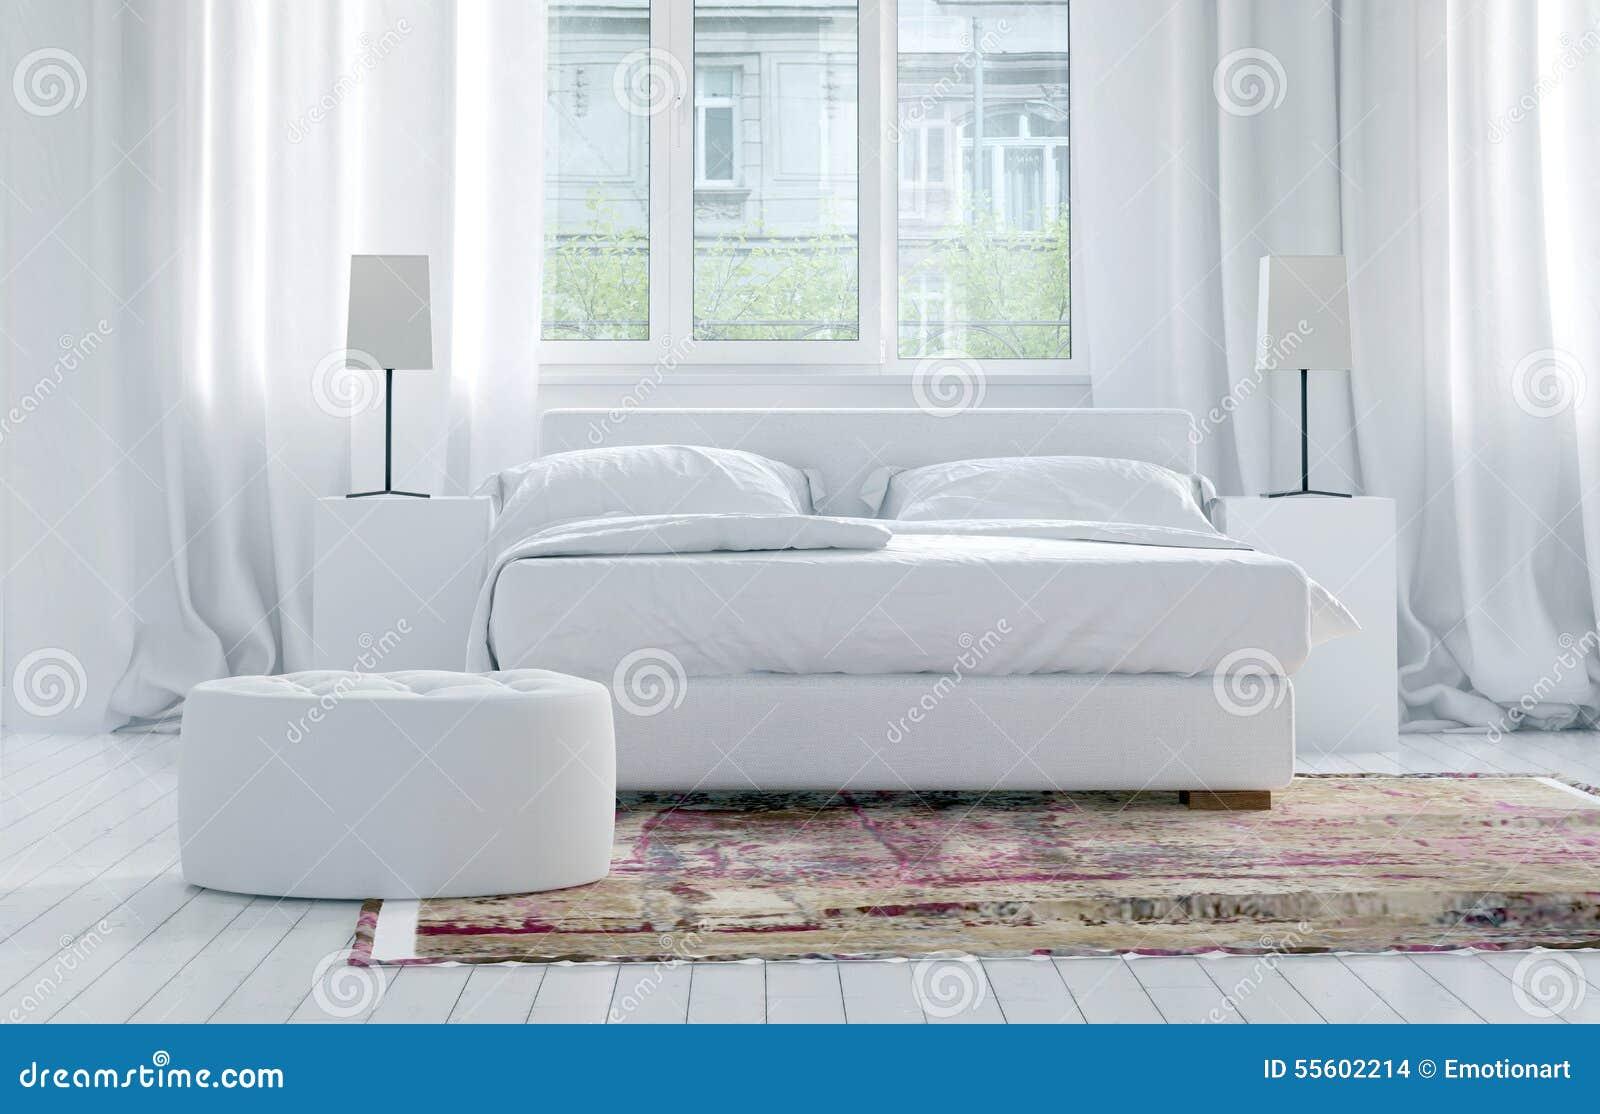 Intérieur Blanc Monochromatique De Luxe De Chambre à Coucher ...